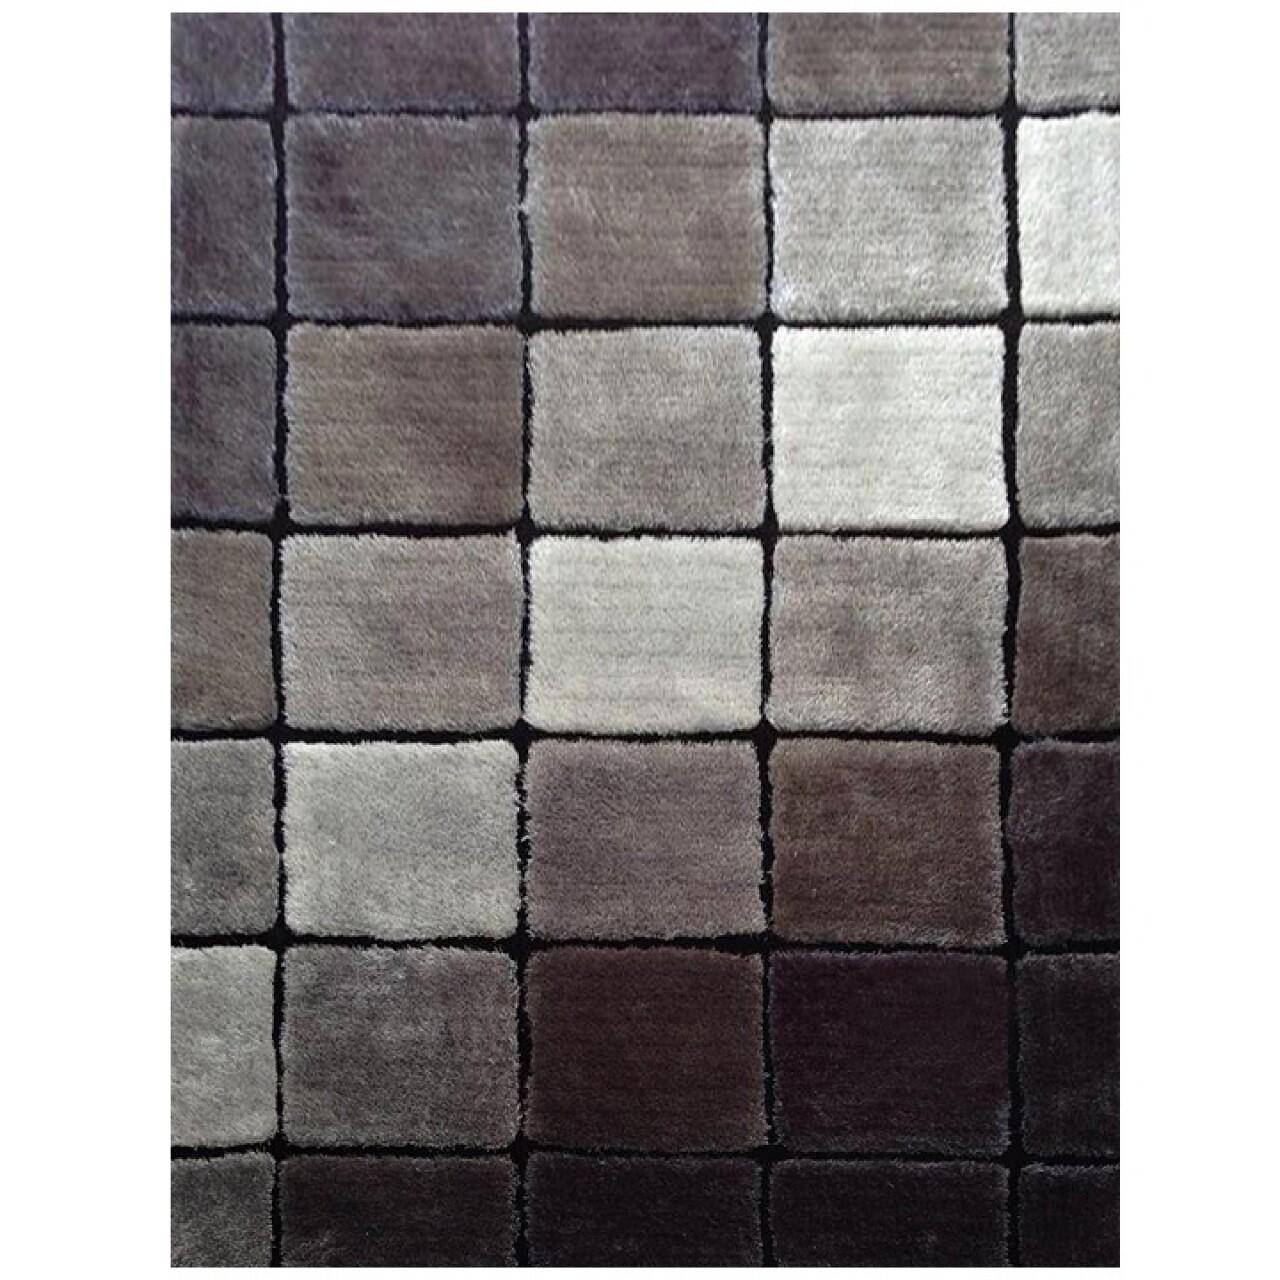 Covor Ludvic Koberec SM73B Sivy, 80 x 150 cm, 100% poliester, gri/negru